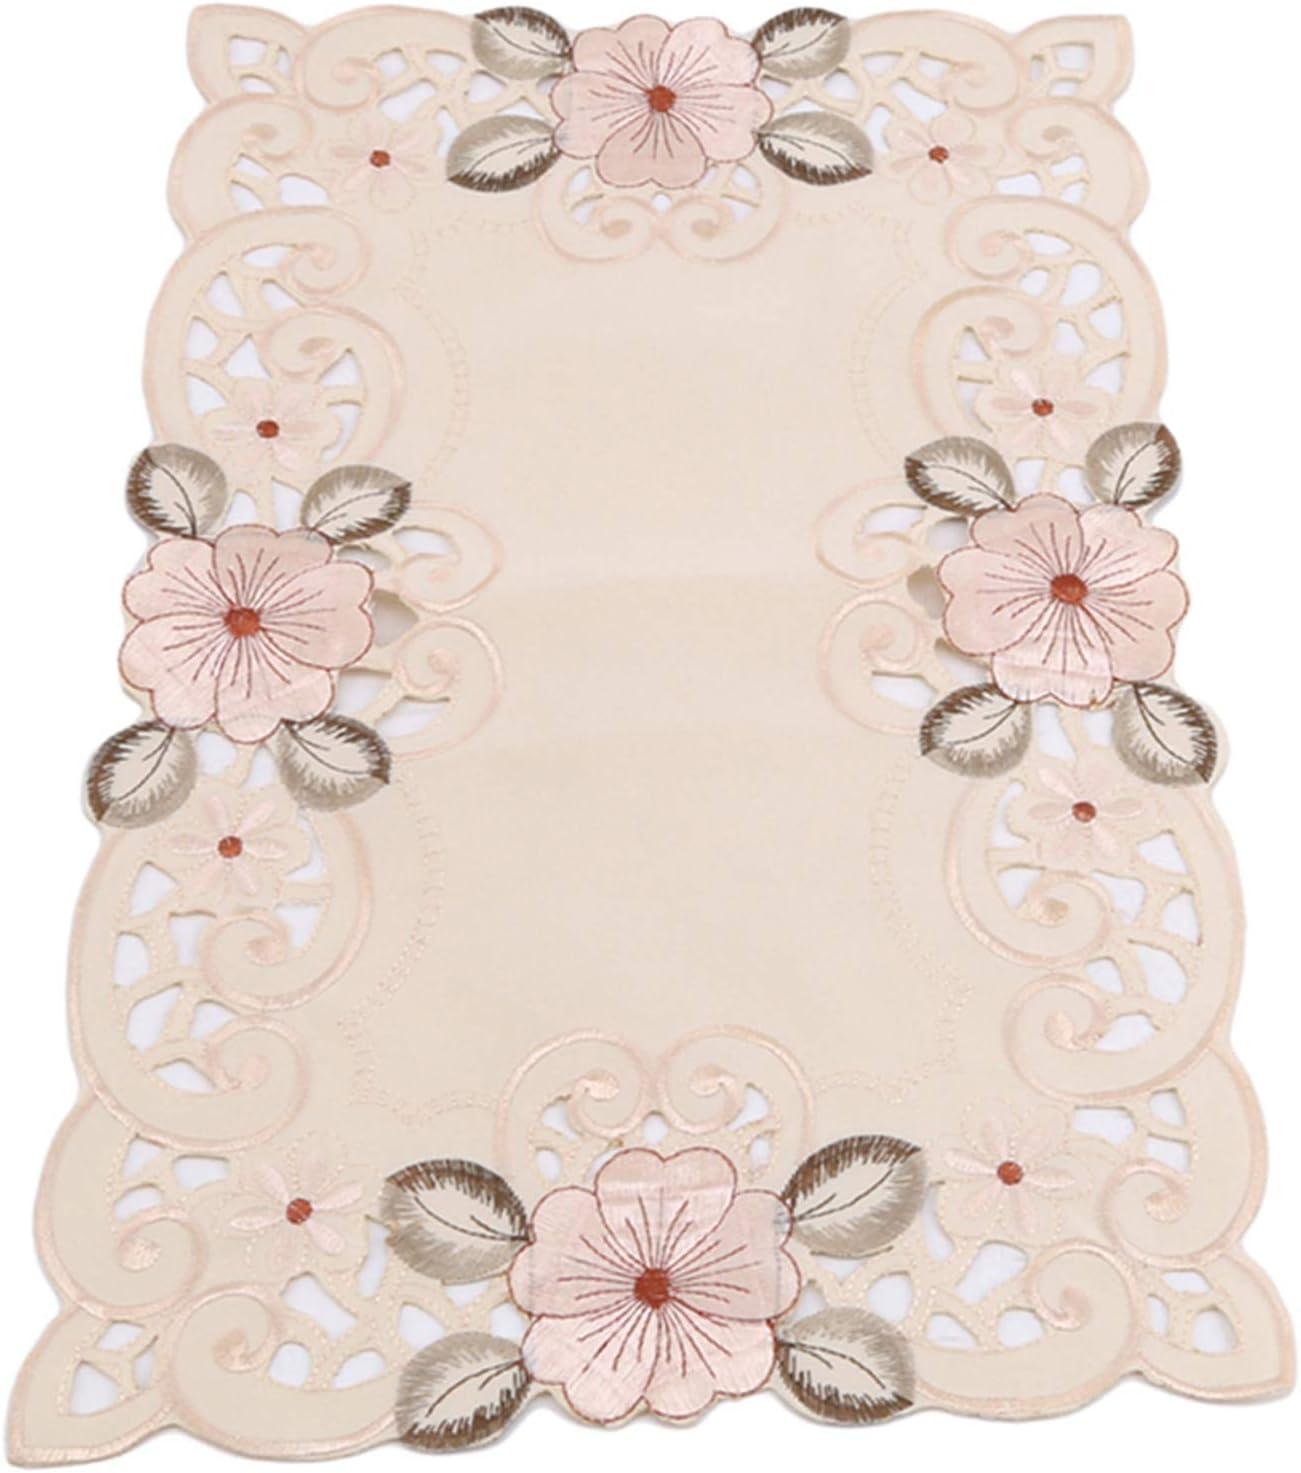 HNCE Chemin de Table brod/é Classique Domestique Nappe en Tissu Maison Chemin de Table rectangulaire napperon